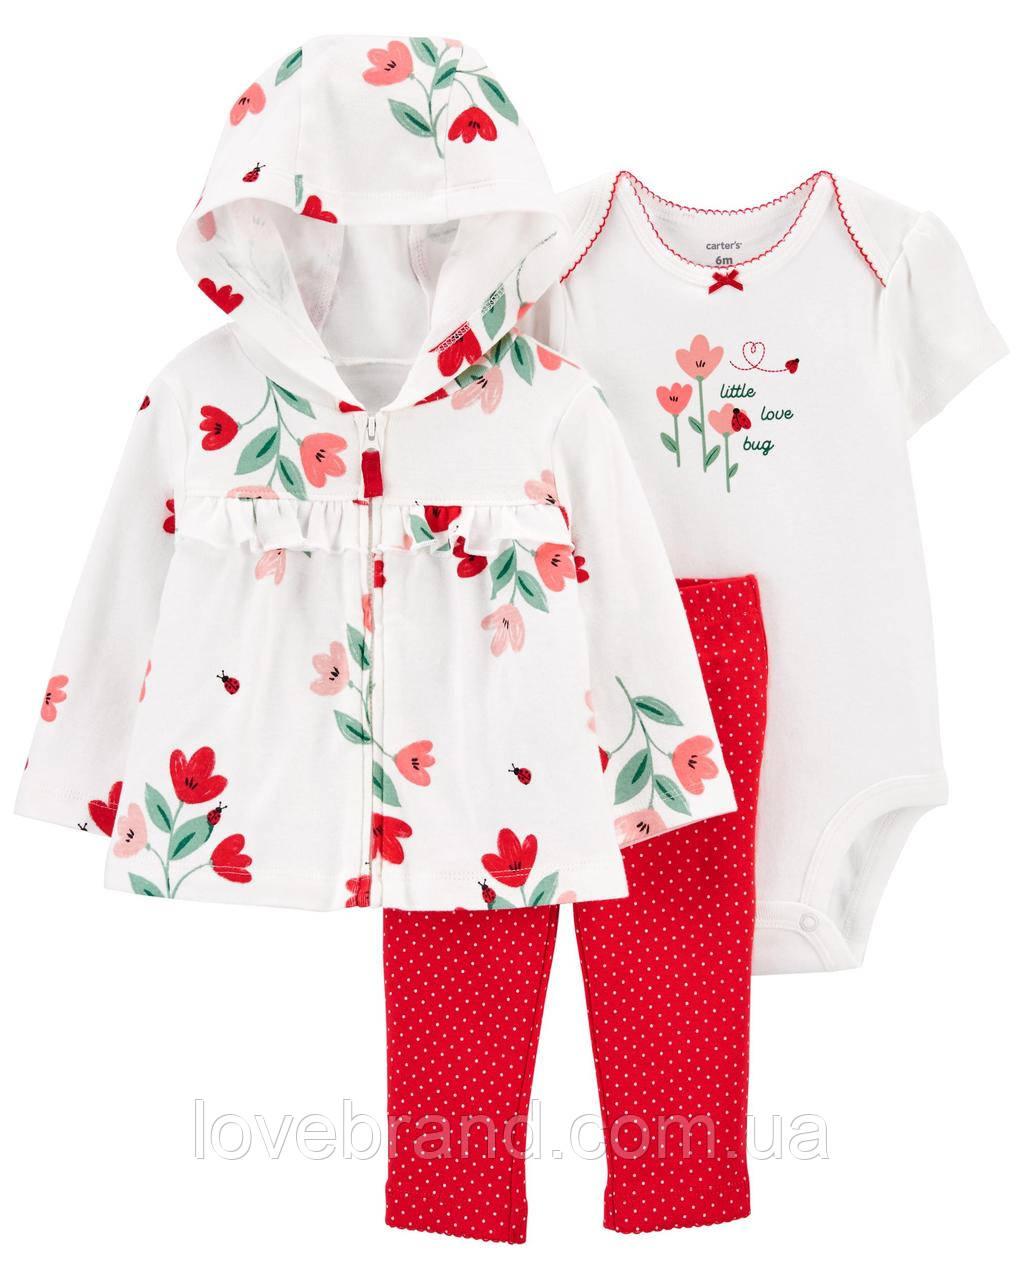 Набор тройка для девочки Carter's (картерс) Красные цветы